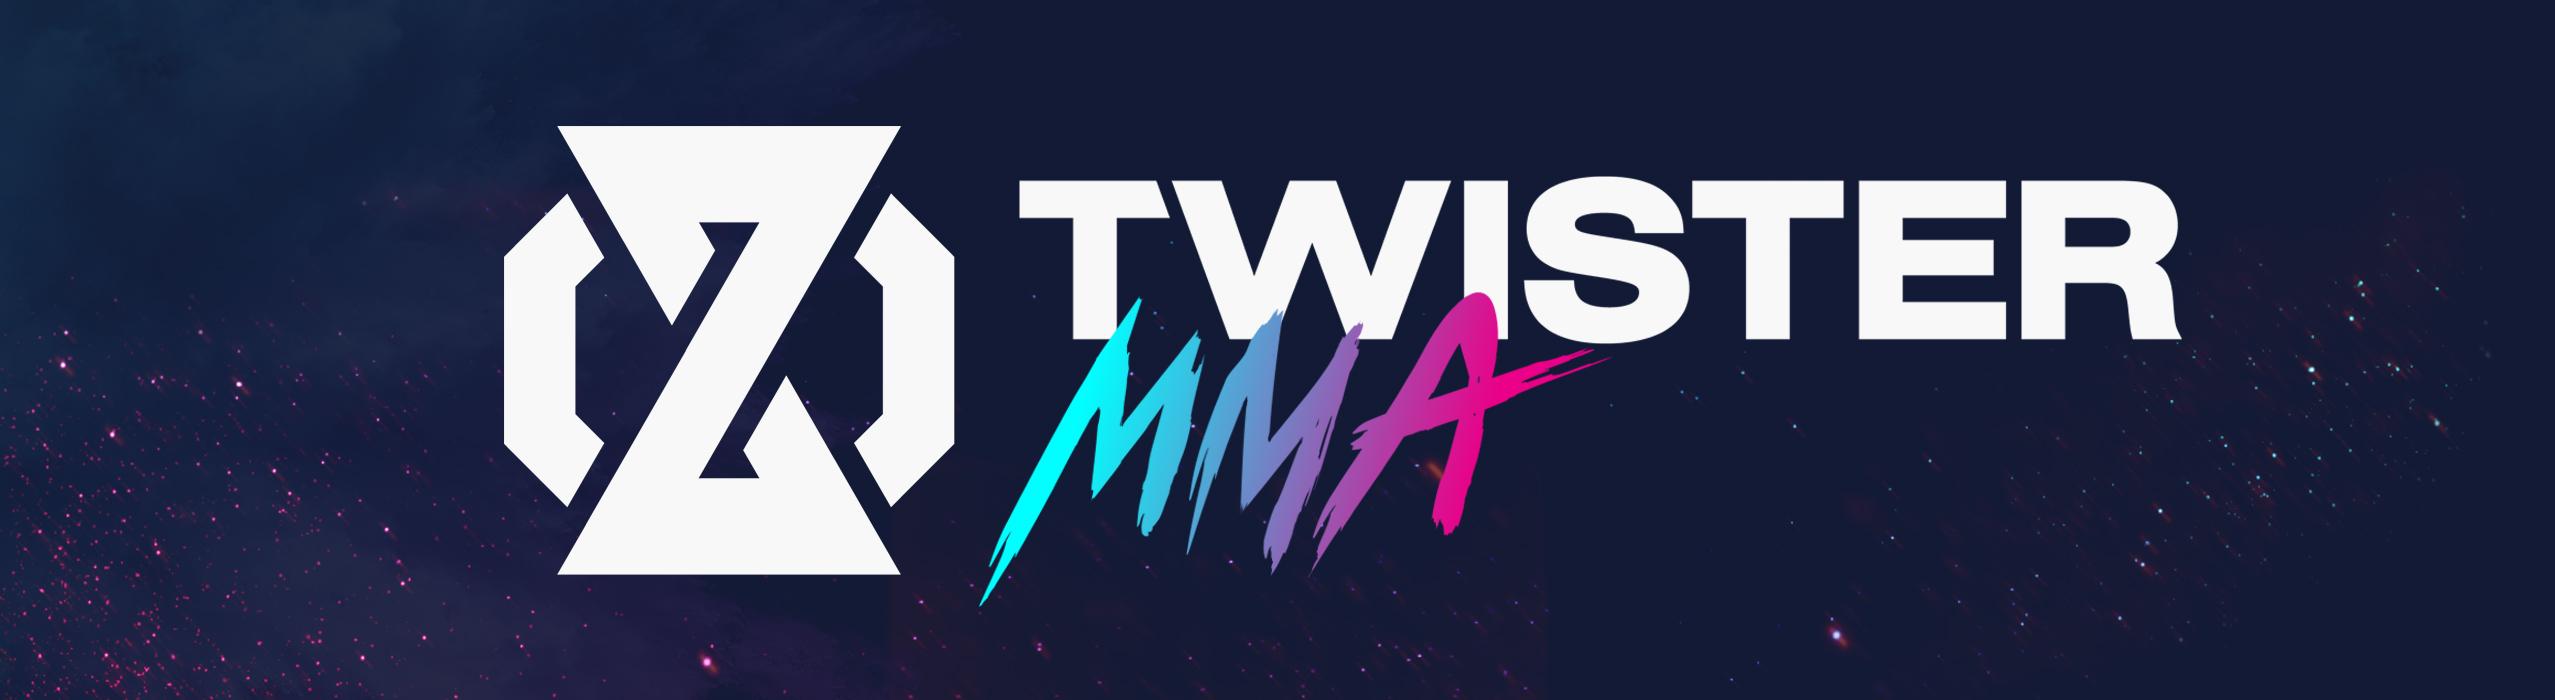 TWISTER MMA